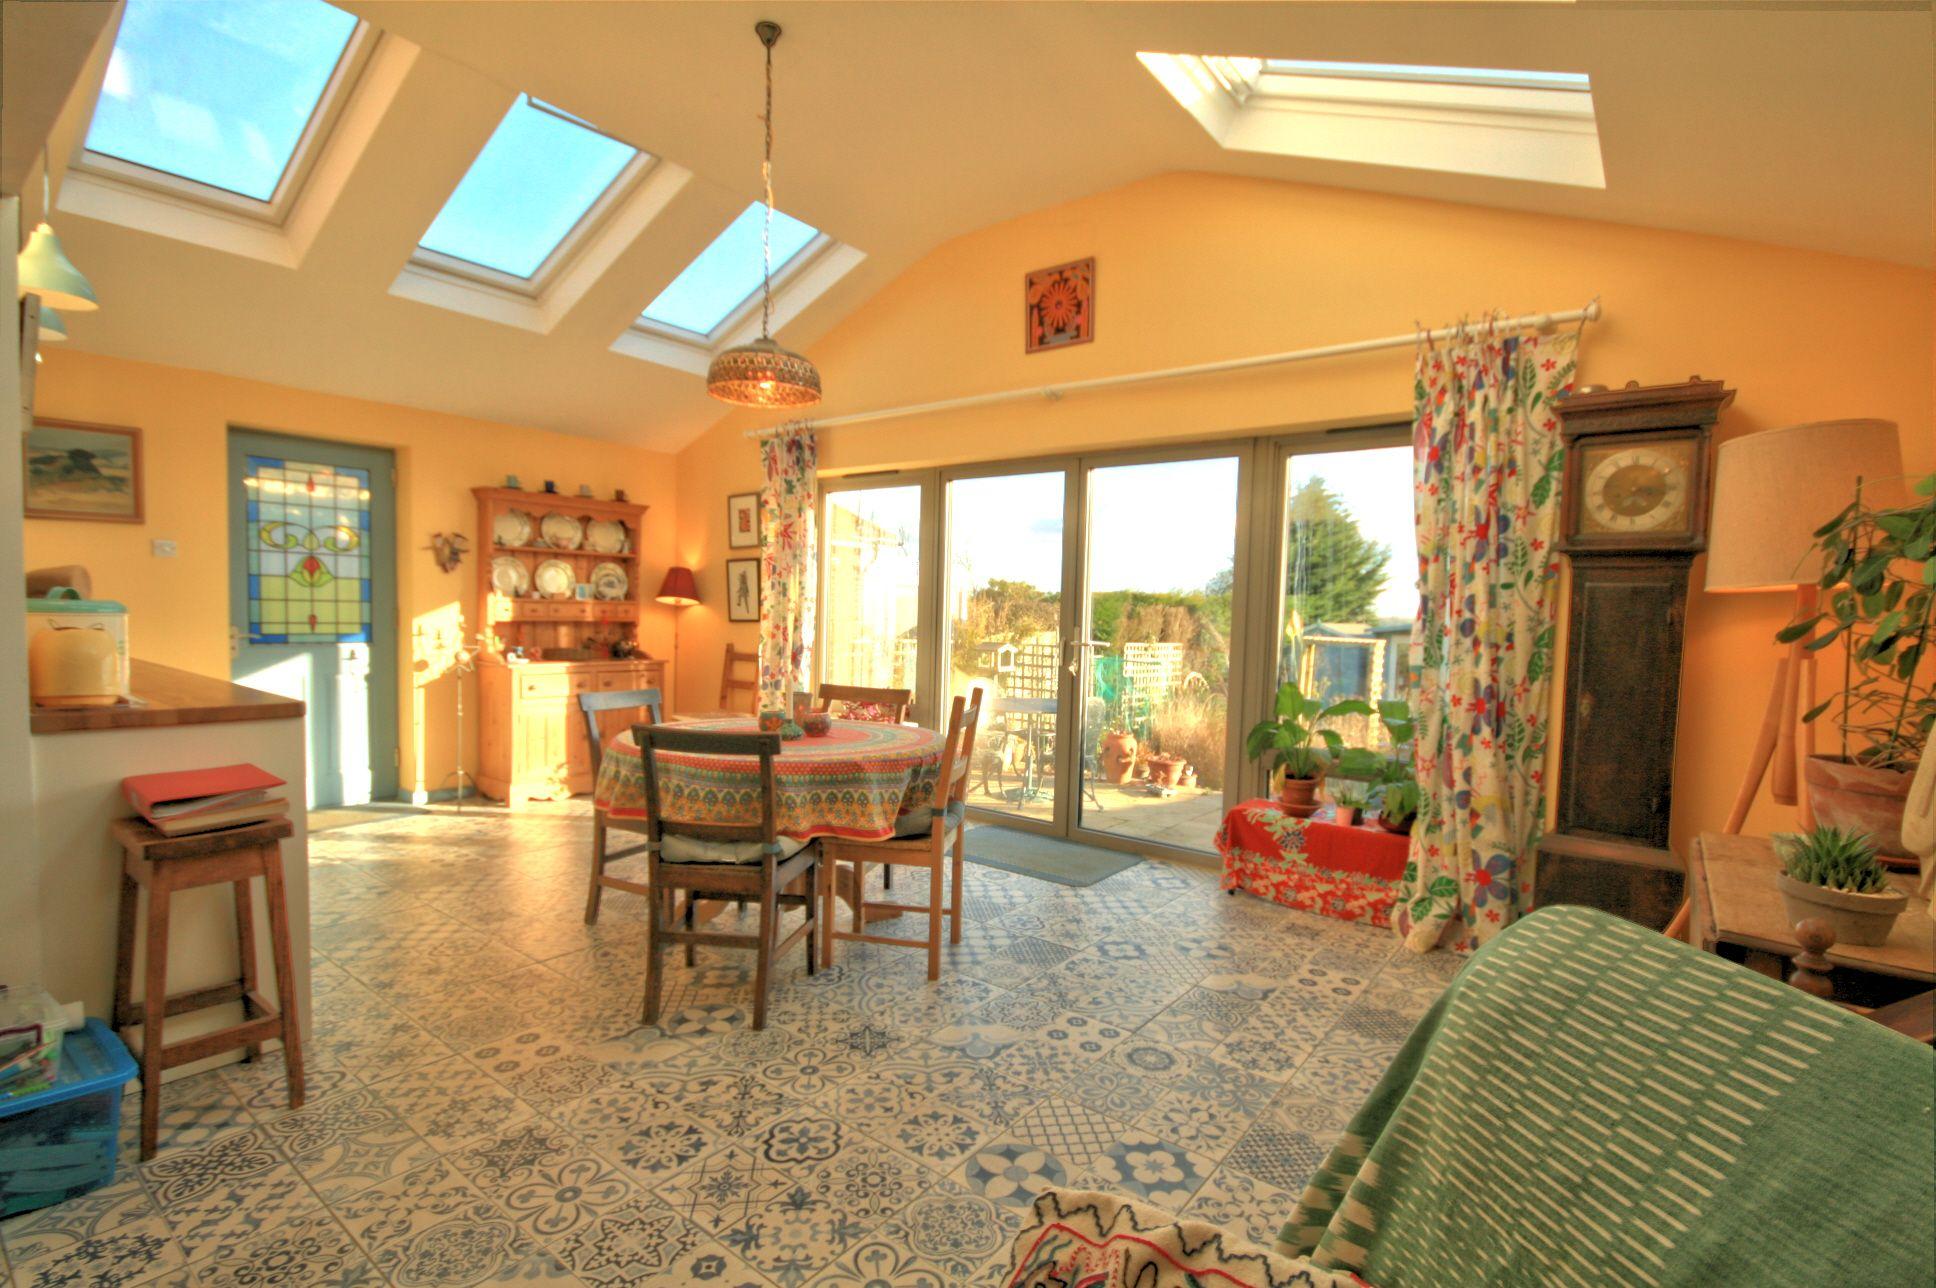 4 Bedroom Detached Bungalow For Sale - Photograph 1